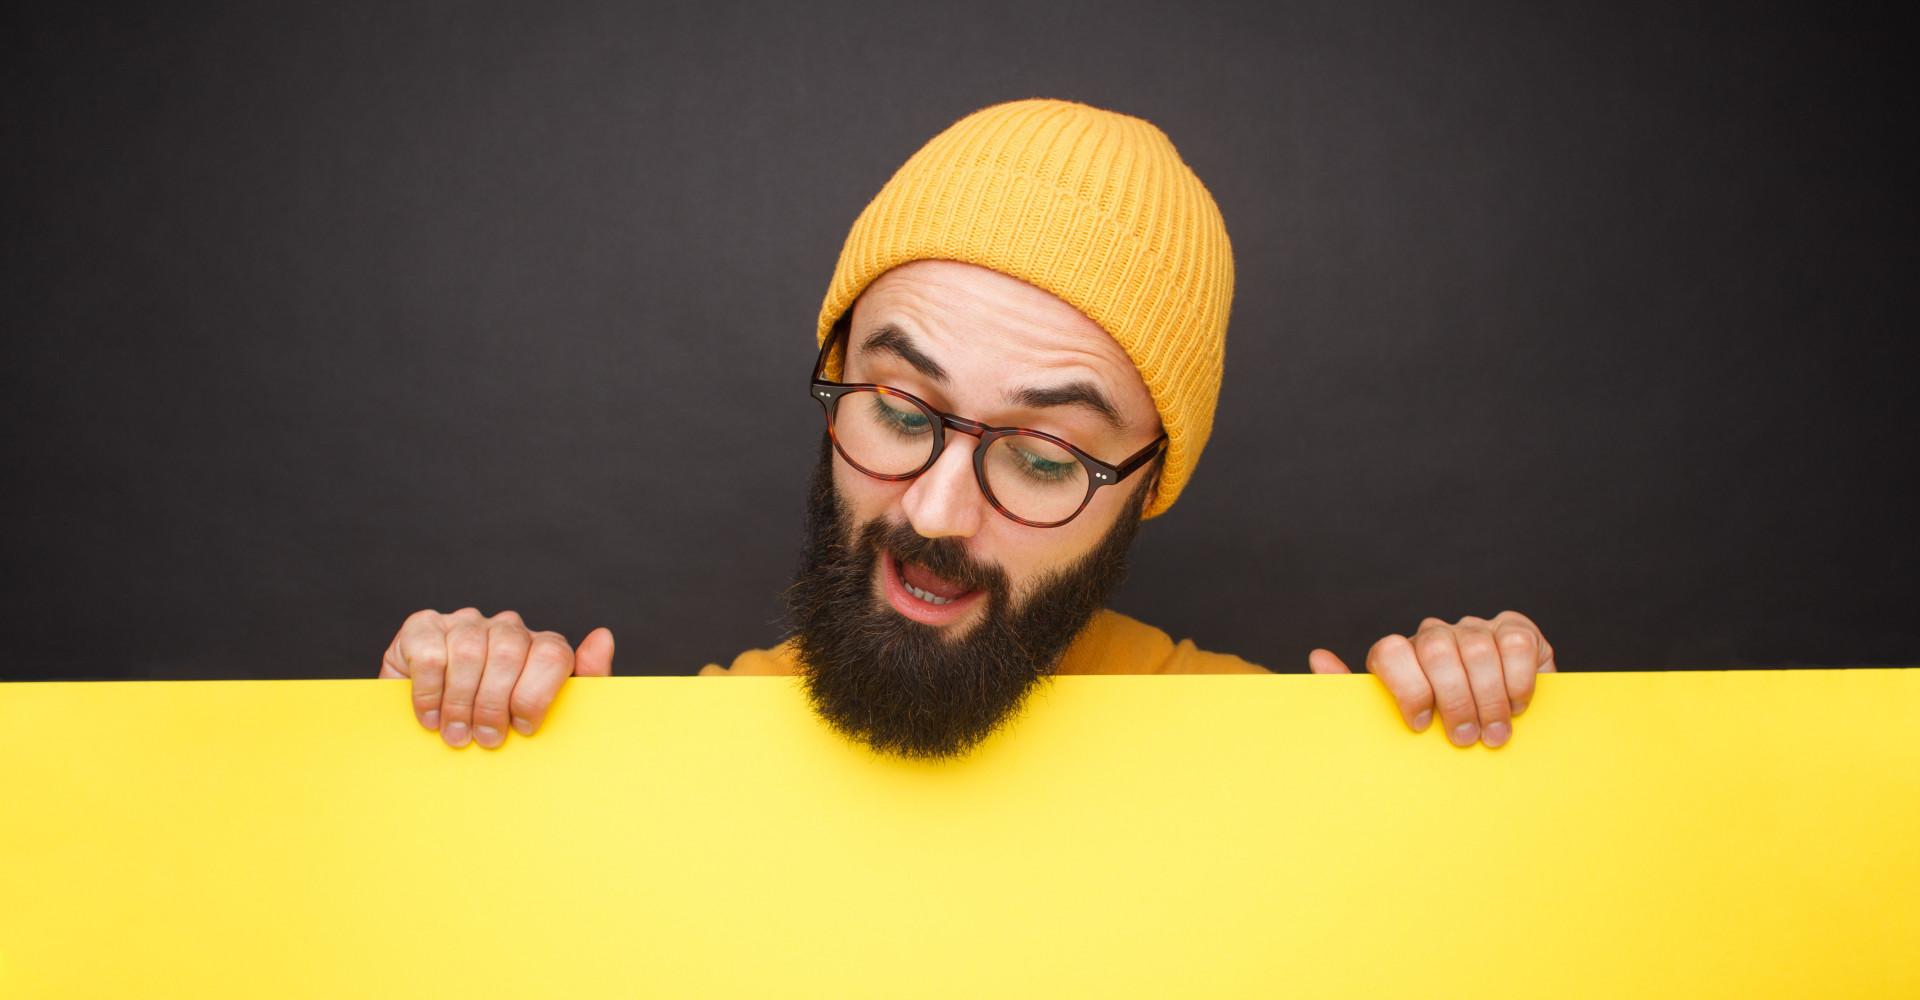 Mann in Gelb